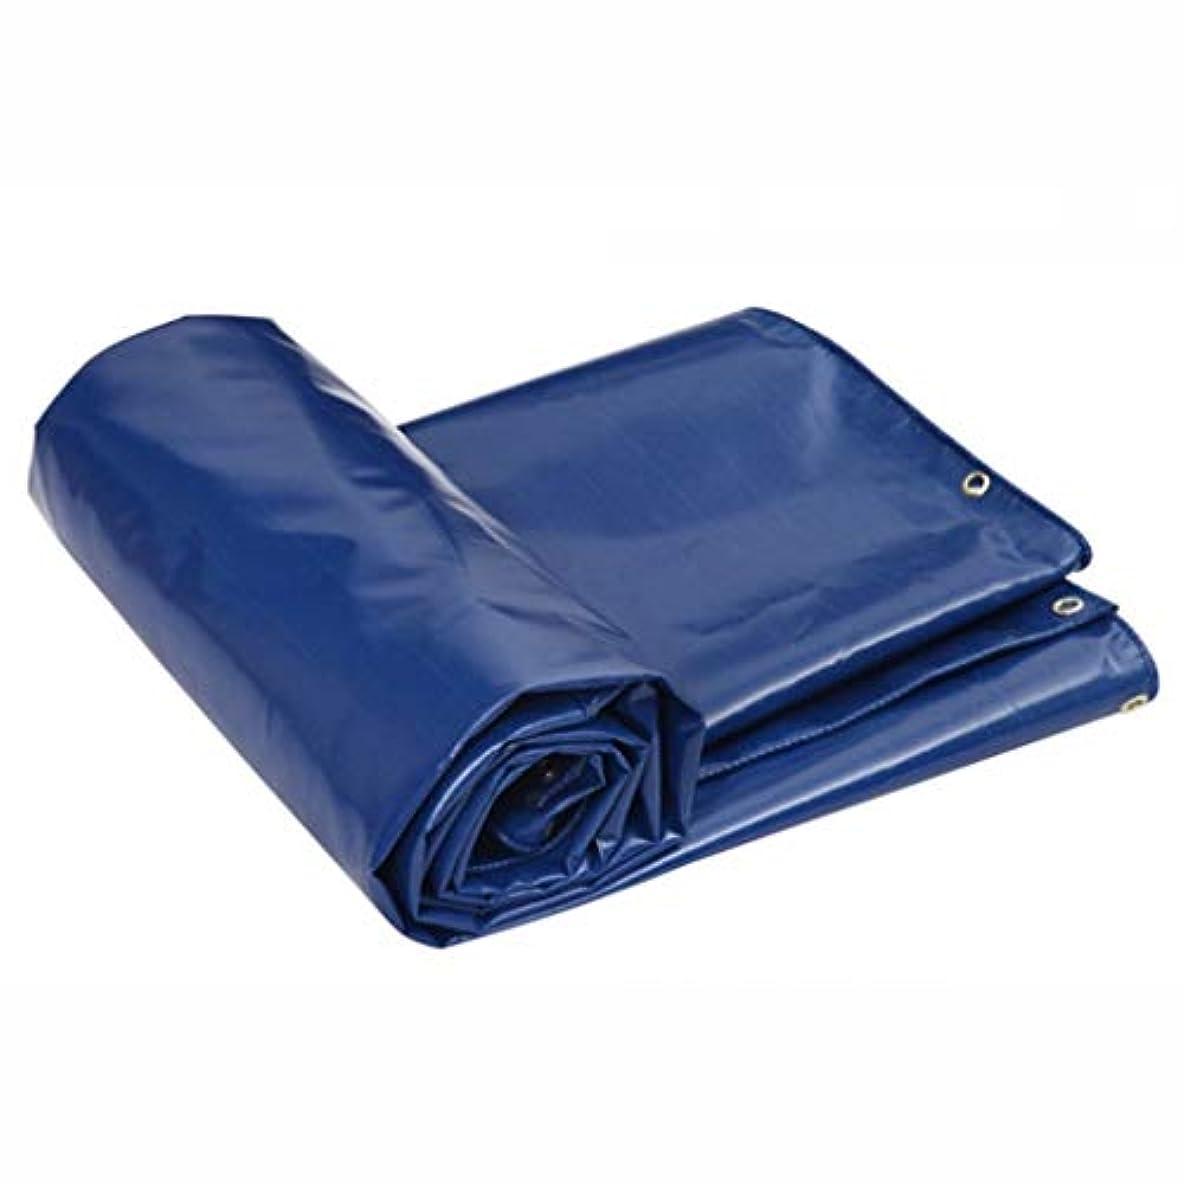 内陸相談後退する防水シート日焼け止め防水バイザー雨布キャノピー布車トラック FENGMIMG (色 : 青, サイズ さいず : 4*6m)